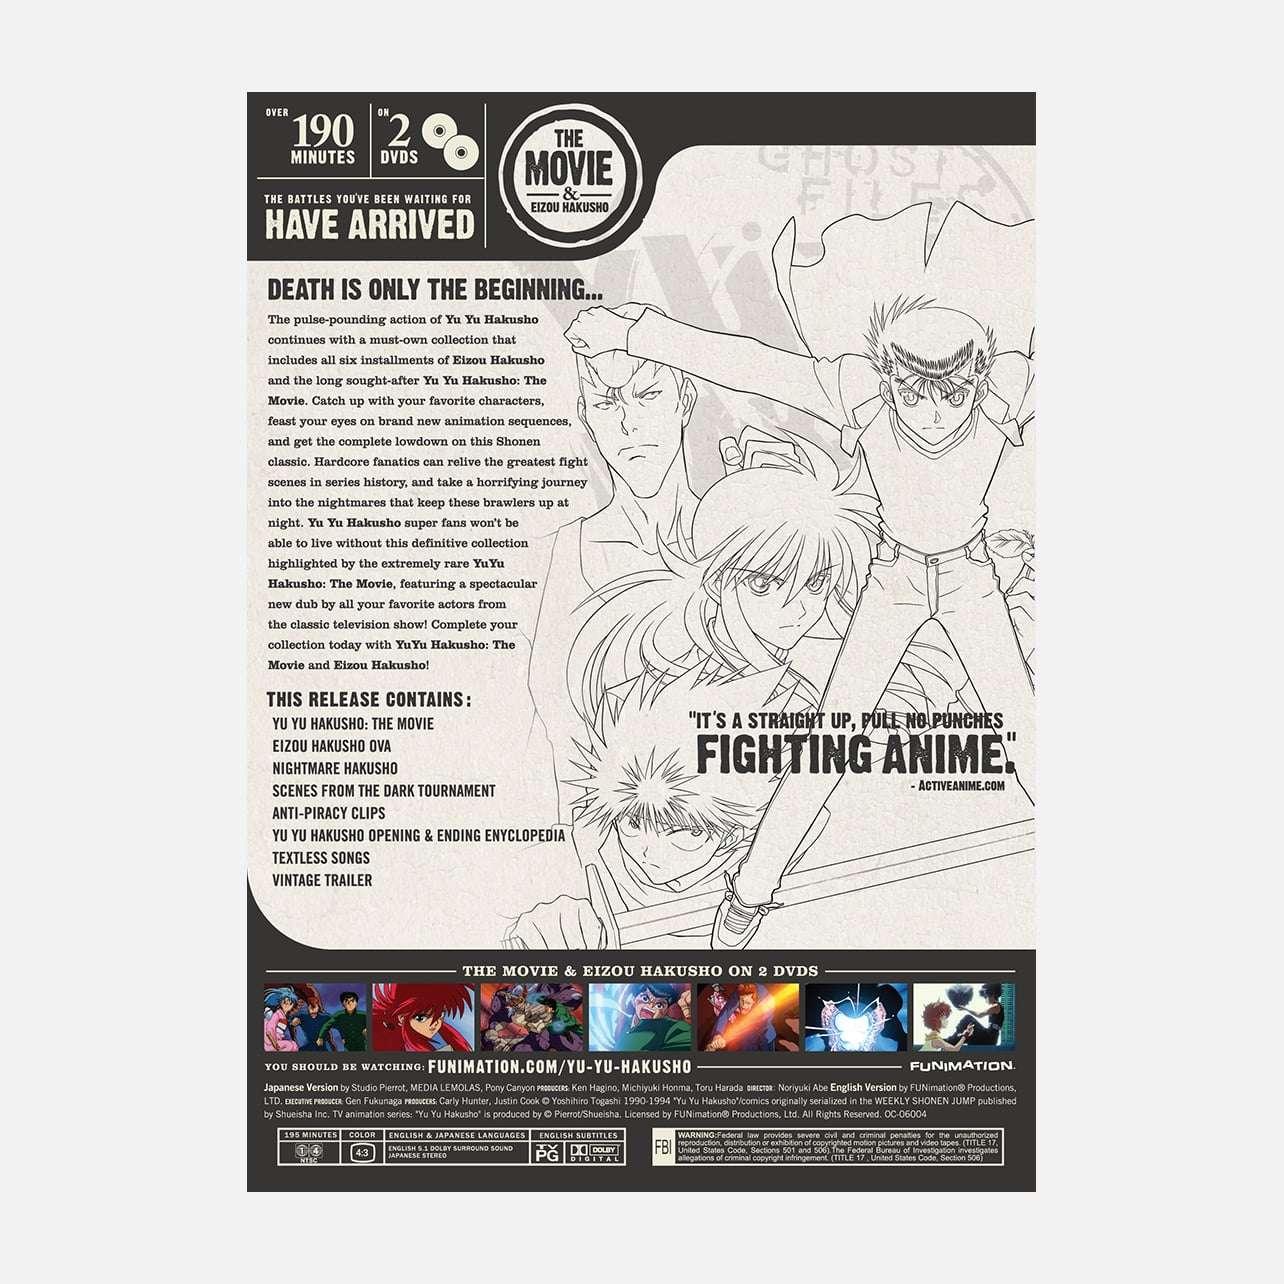 Yu Yu Hakusho - The Movie & Eizou Hakusho OVA